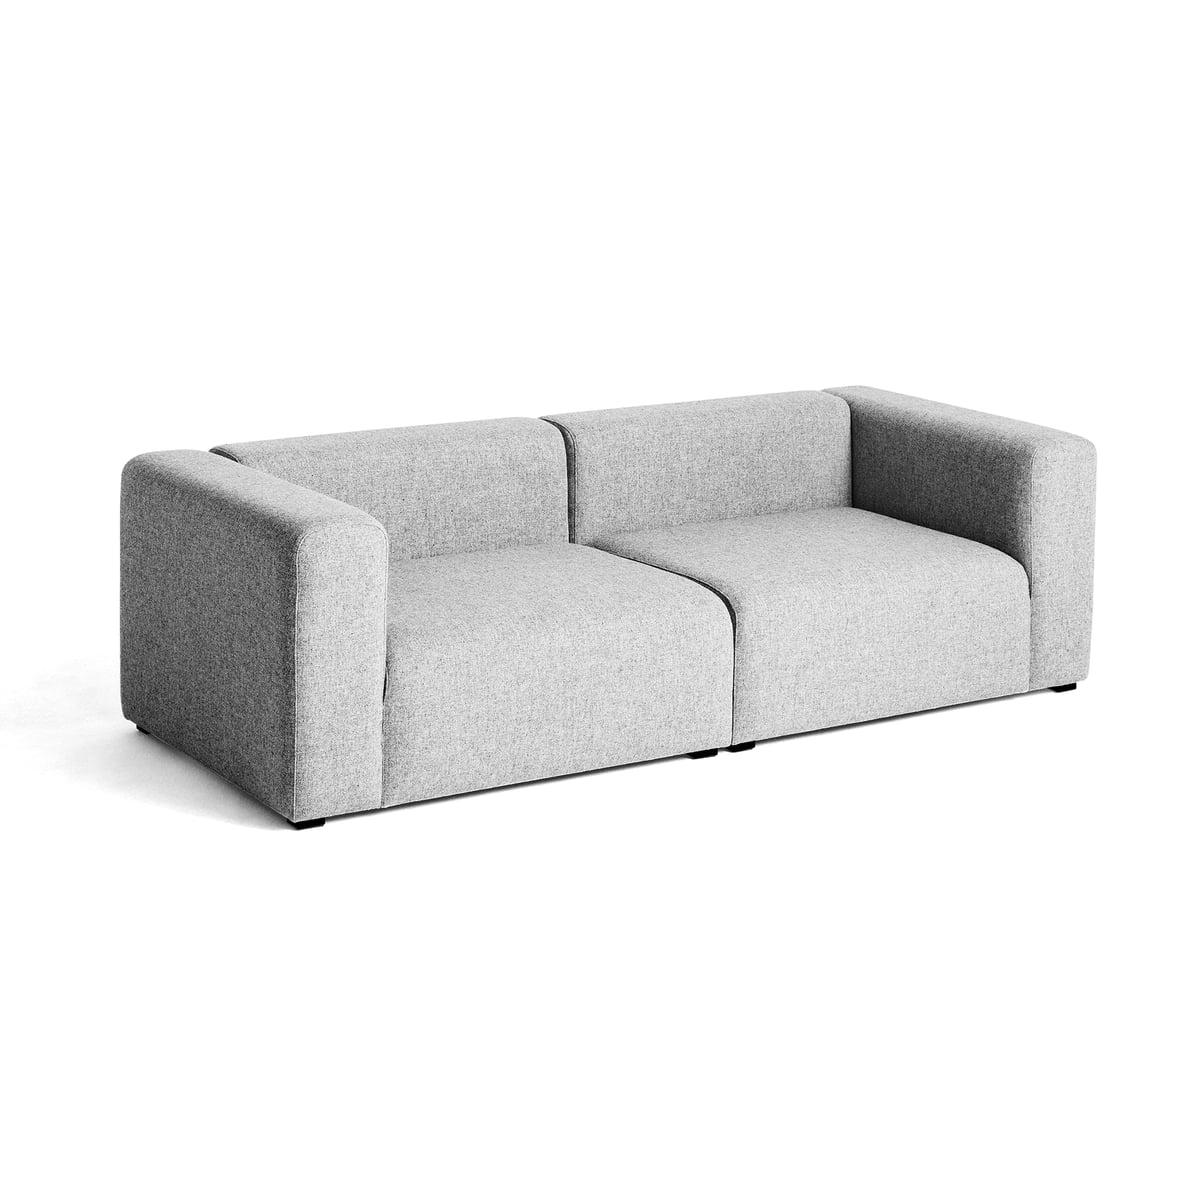 Mags sofa frei 5438